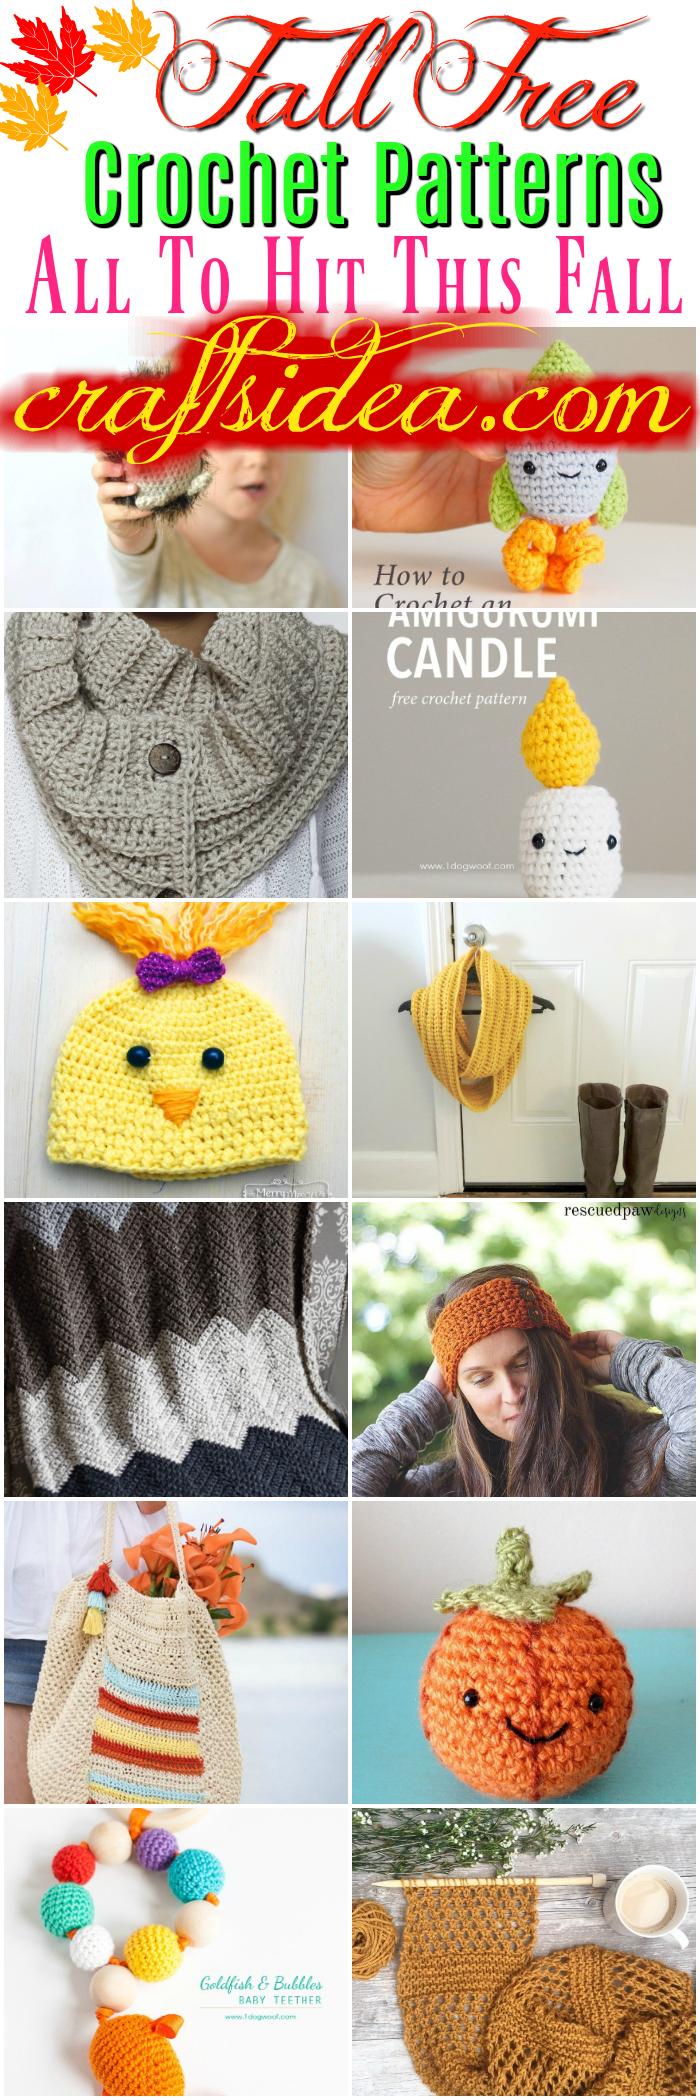 Fall Free Crochet Patterns